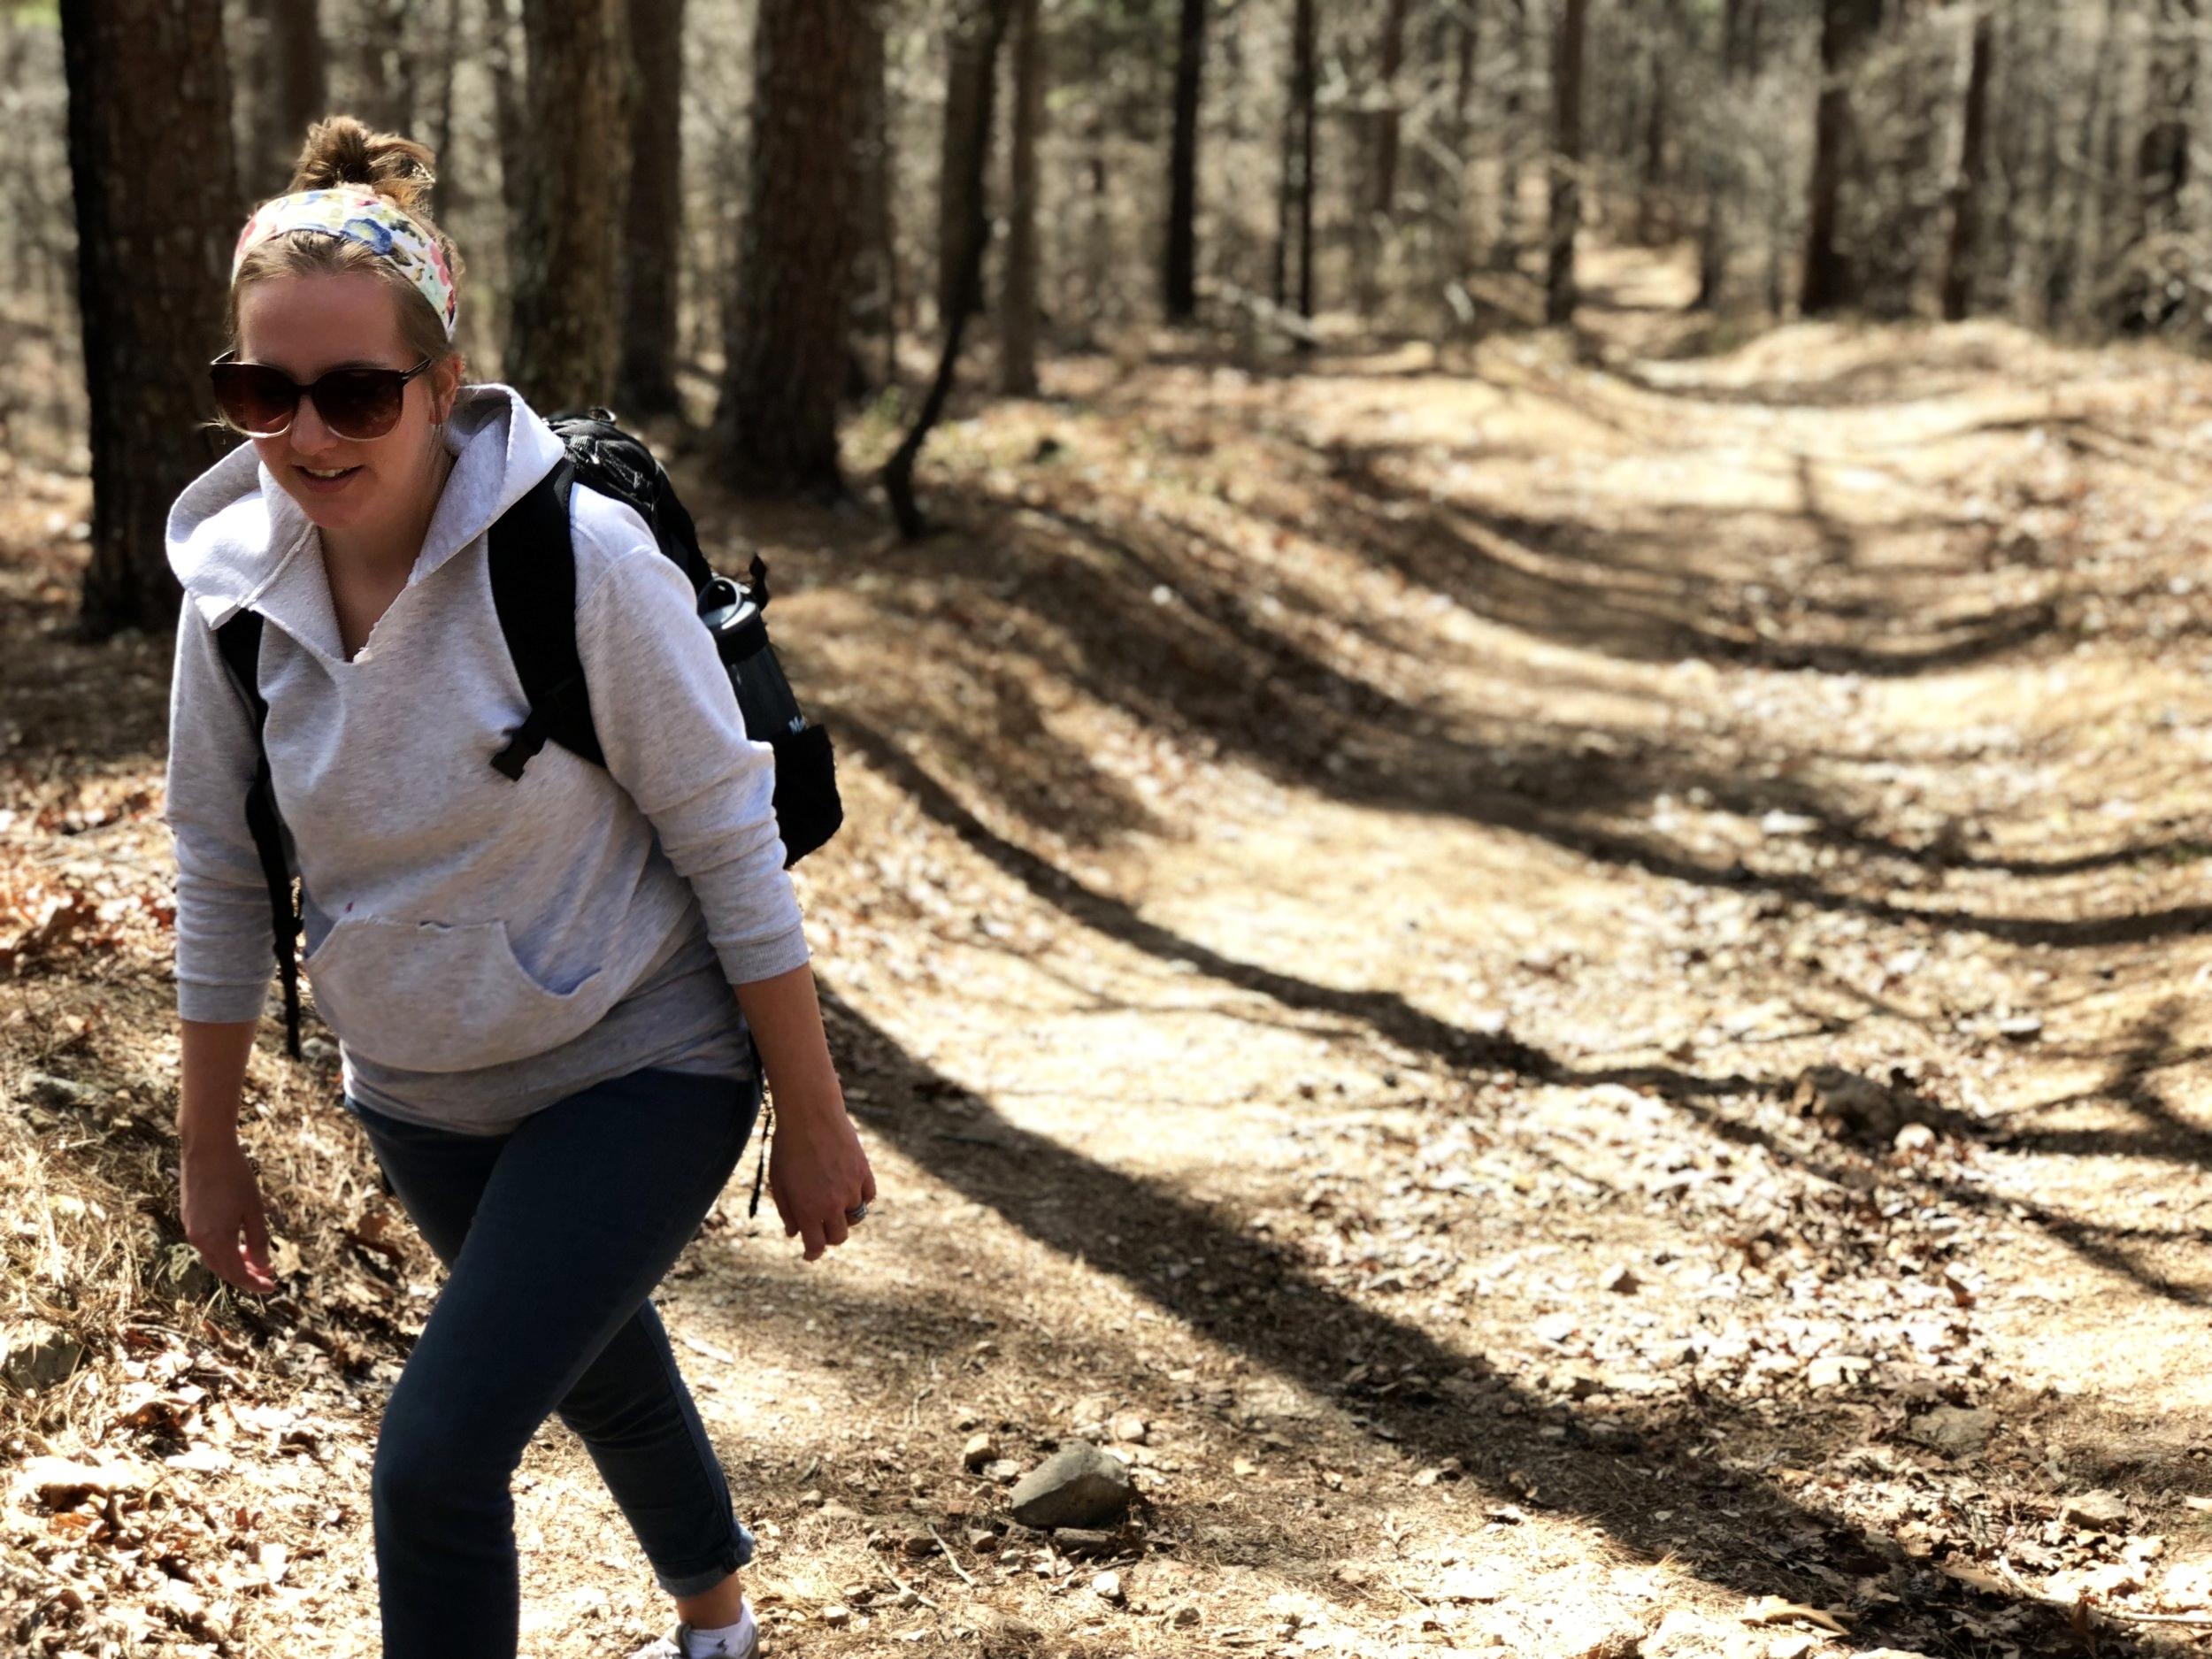 Hiking to dig quartz